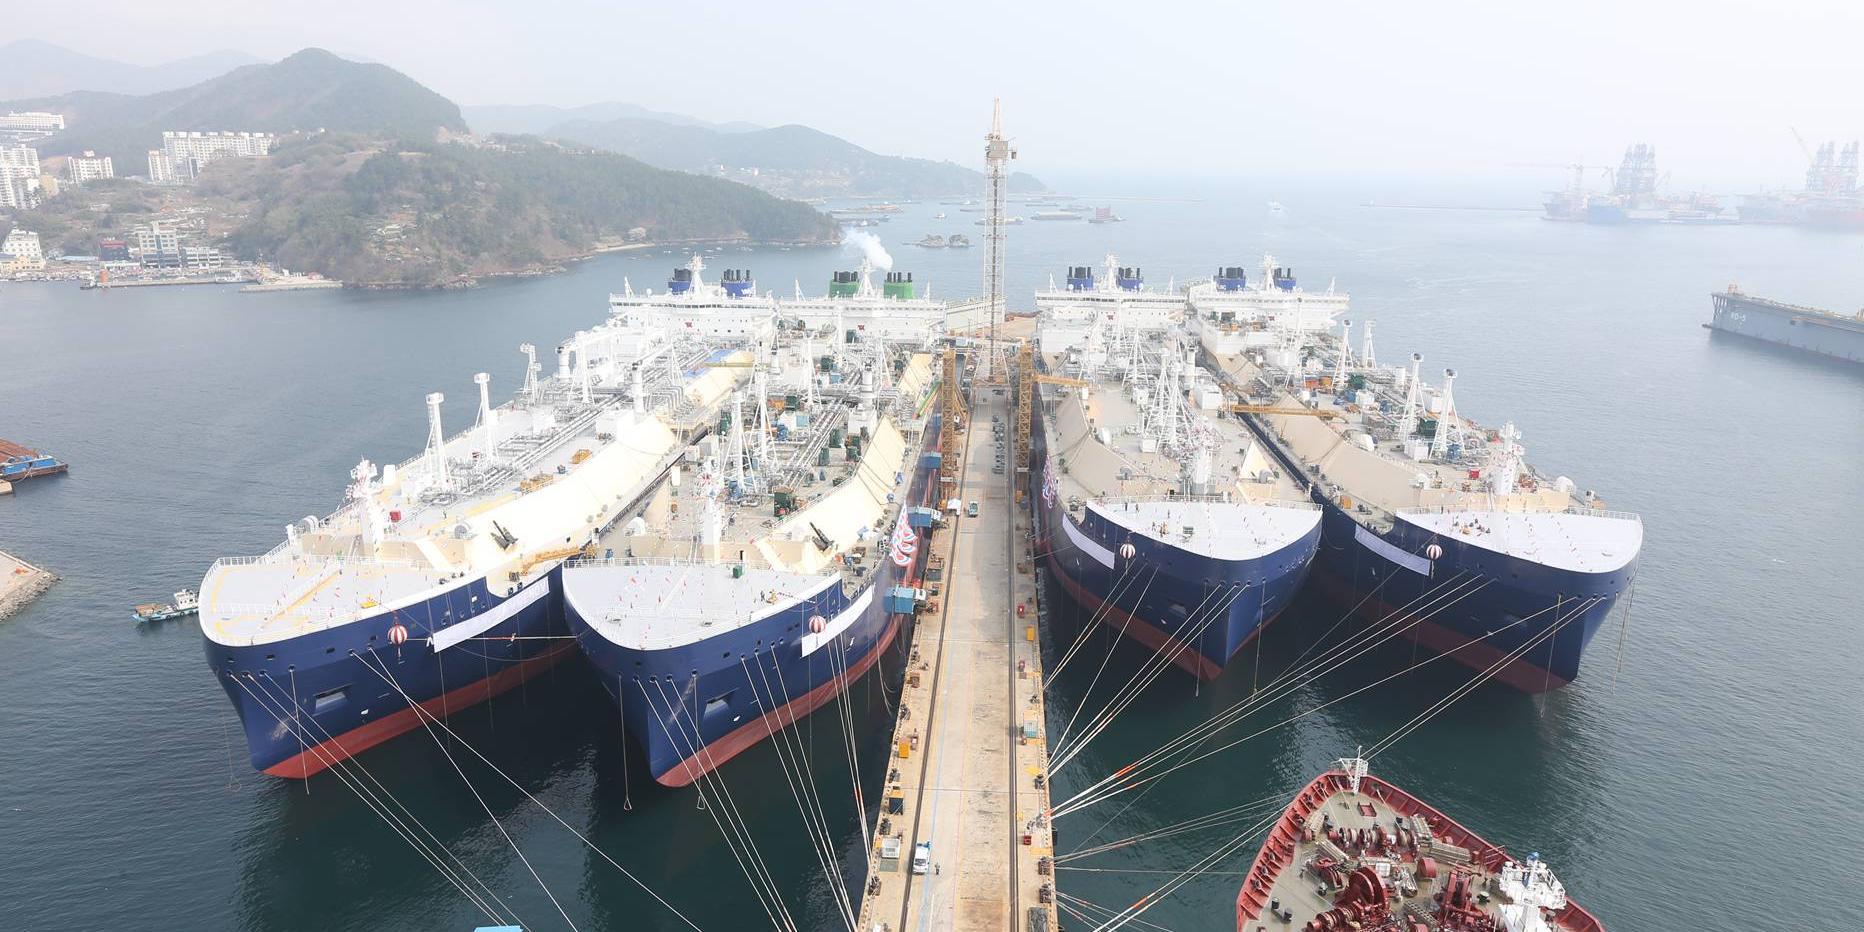 LNG운반선 대규모 발주가 몰려온다, 조선3사 수주갈증 해소 기대